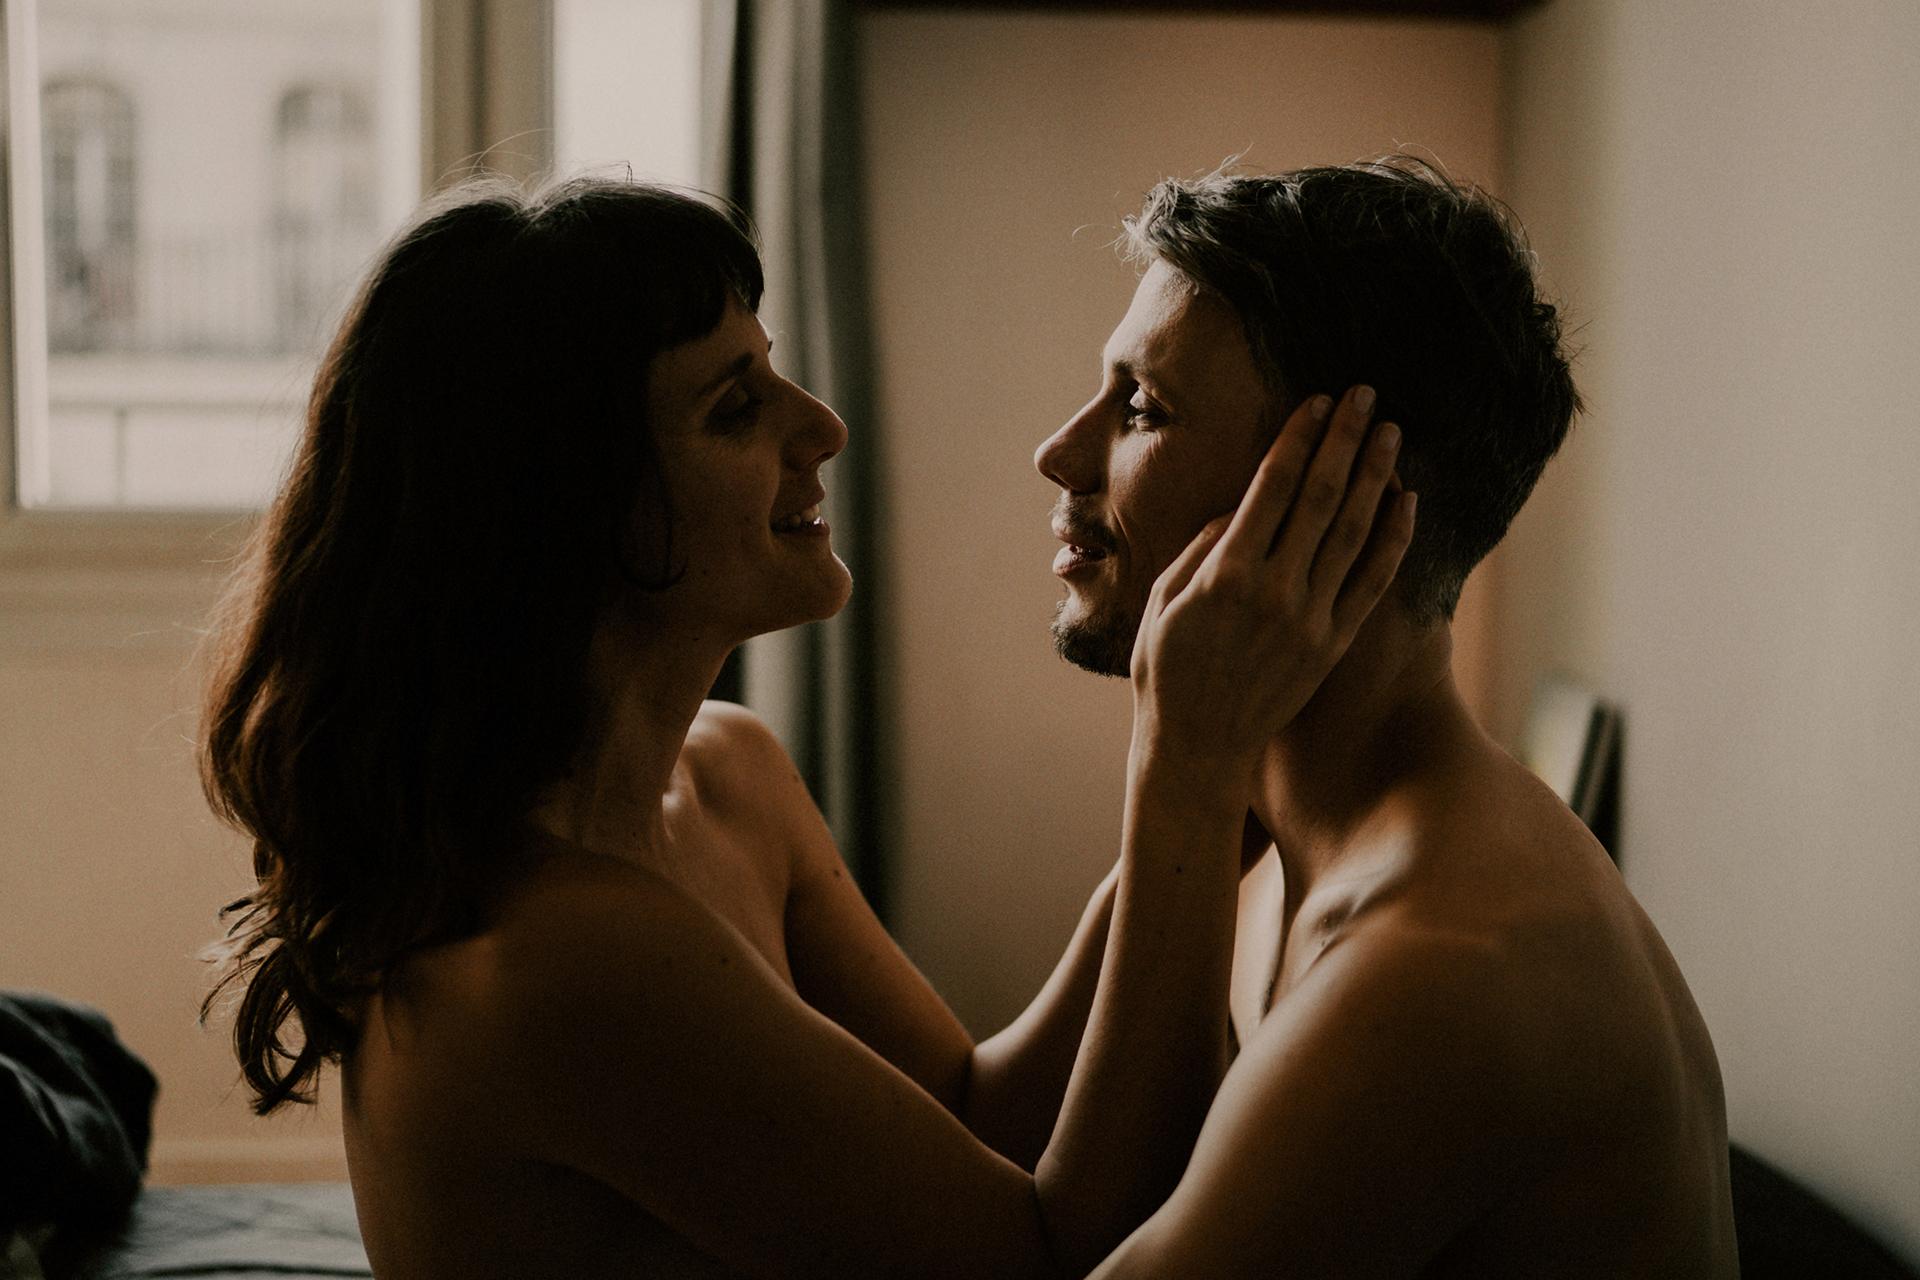 leshistoiresda-photographe-mariage-couple-intime-423